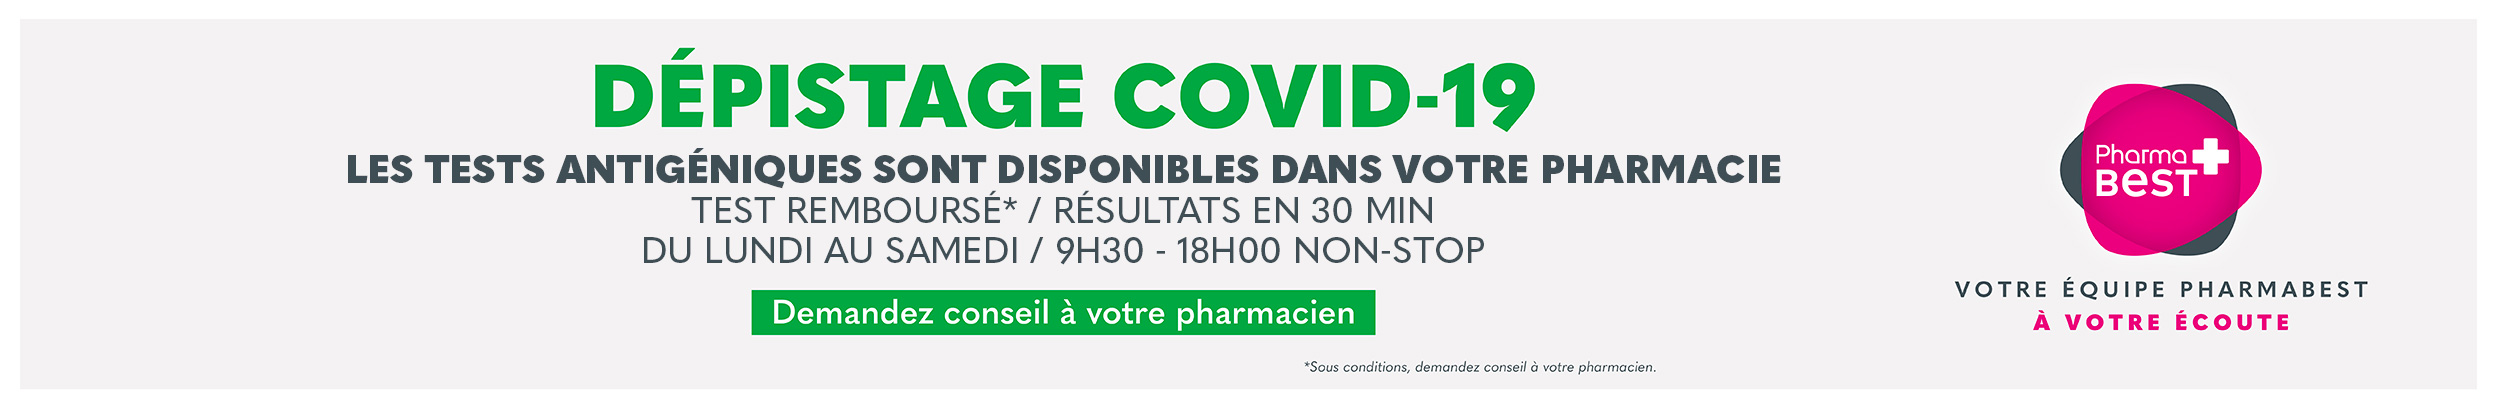 Dépistage Covid-19 -  Vannes